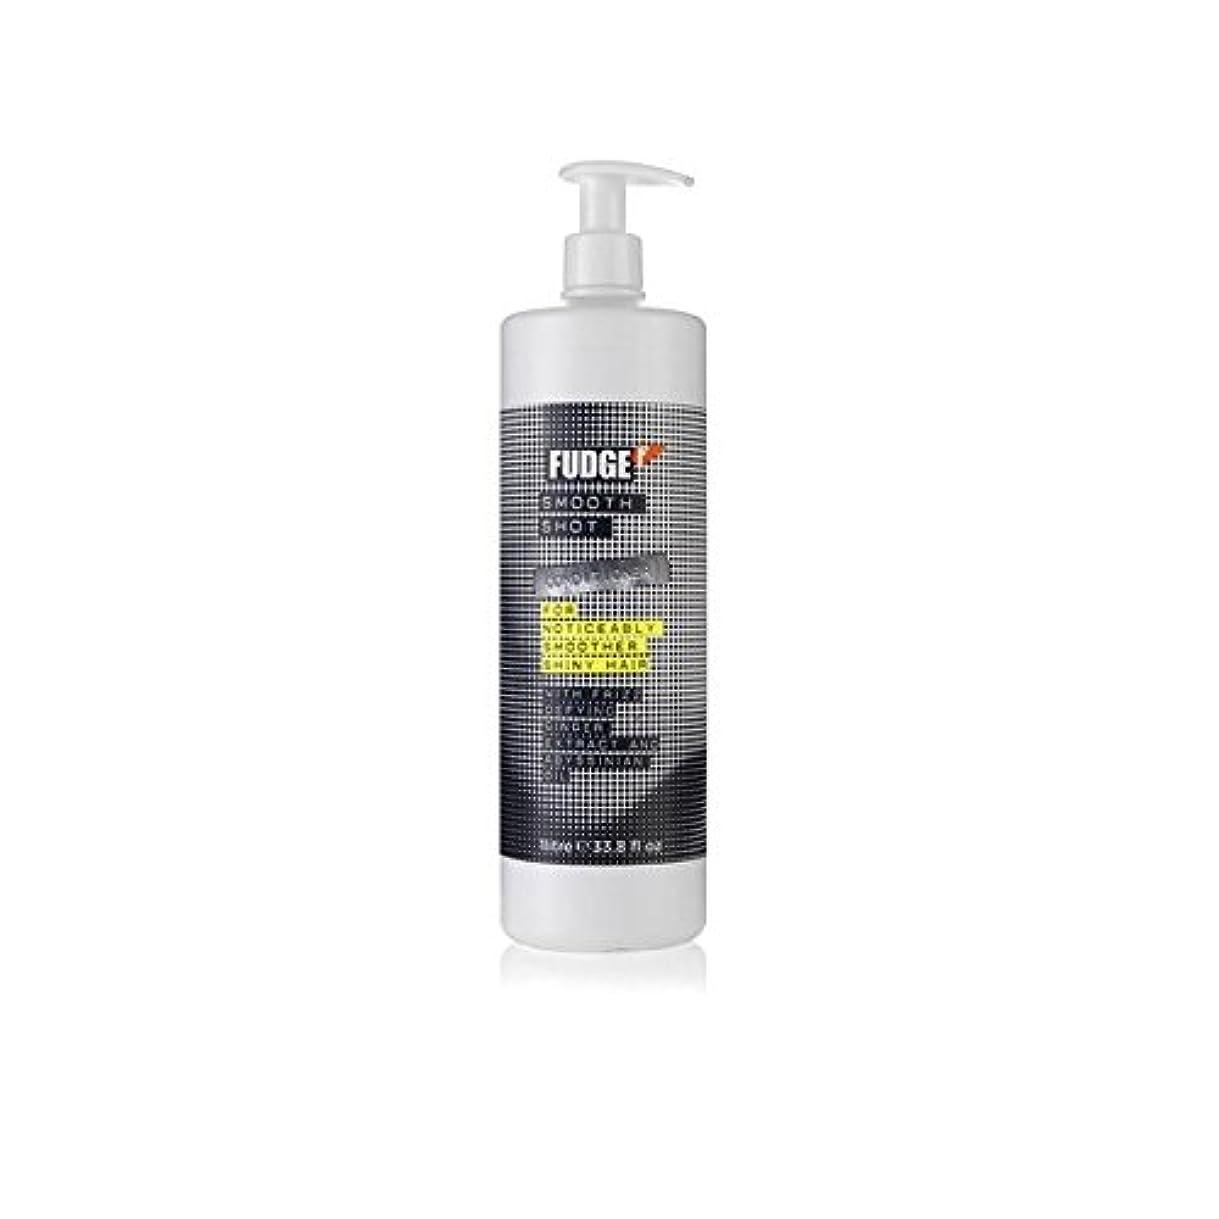 公然と余計な繊細ファッジスムーズなショットシャンプー(千ミリリットル) x2 - Fudge Smooth Shot Shampoo (1000ml) (Pack of 2) [並行輸入品]